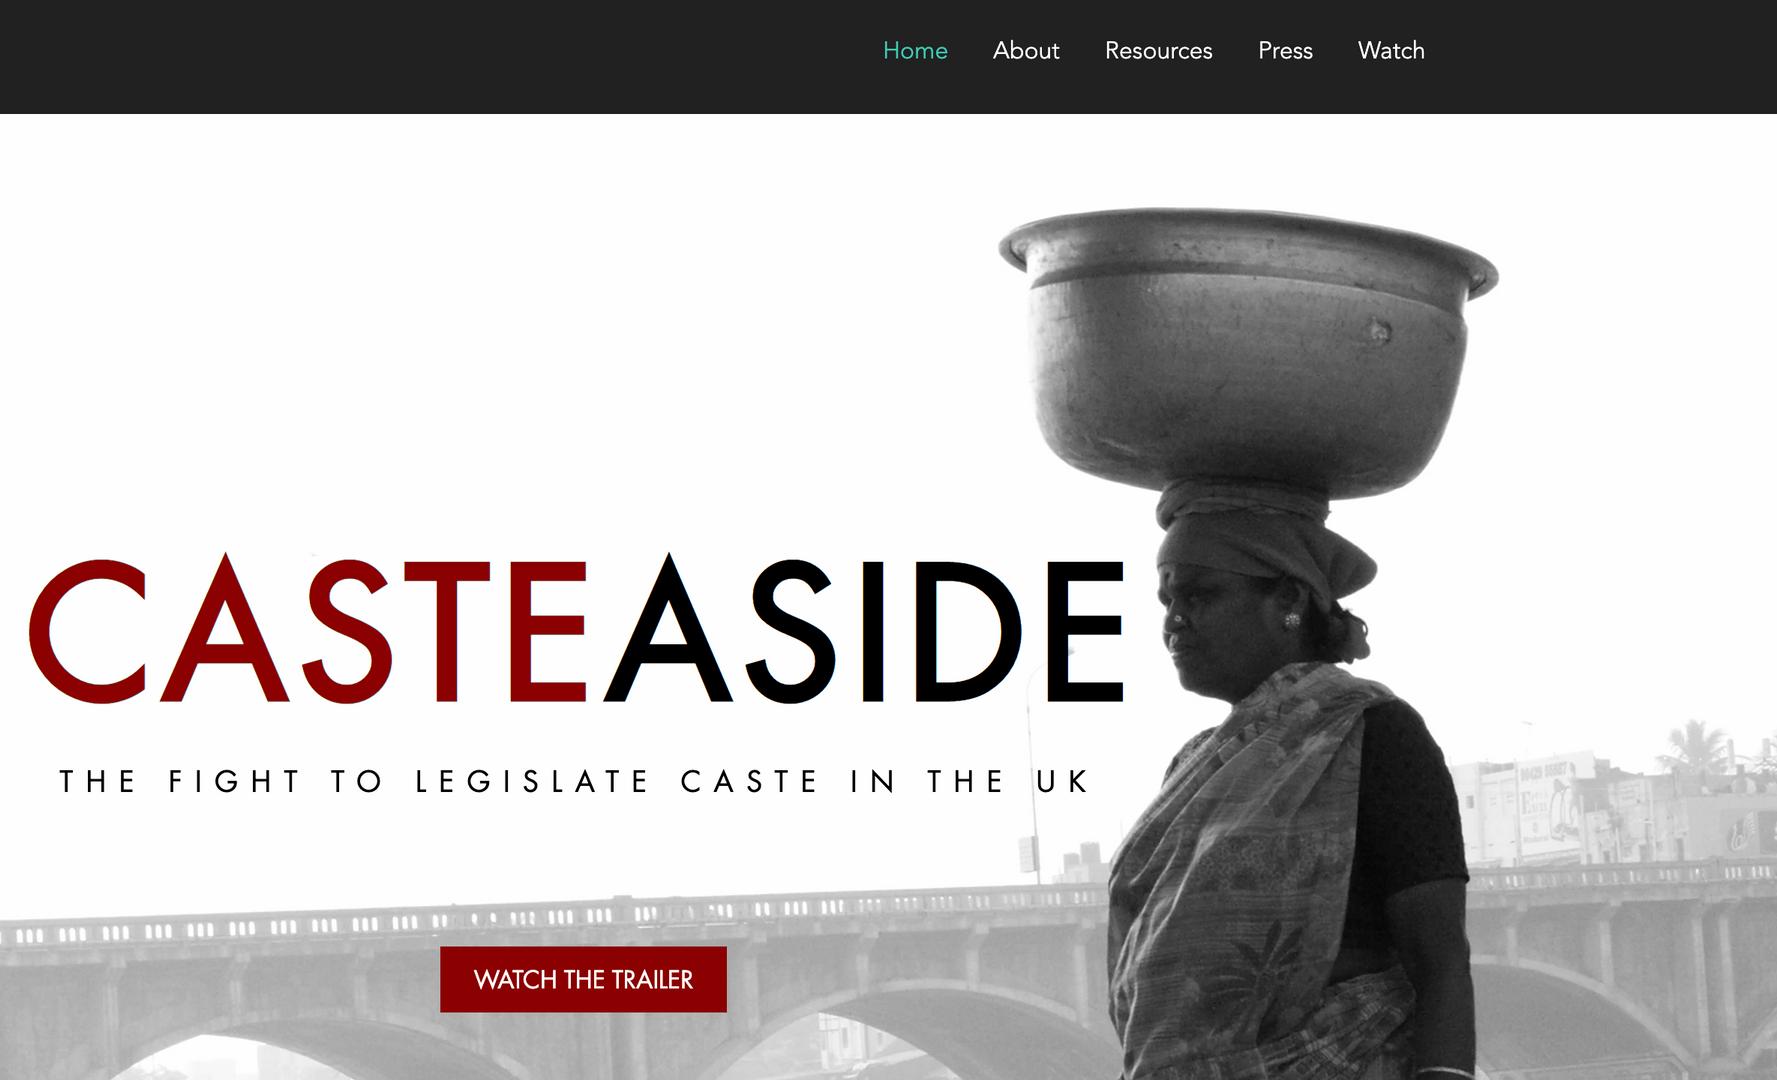 Caste Aside Documentary